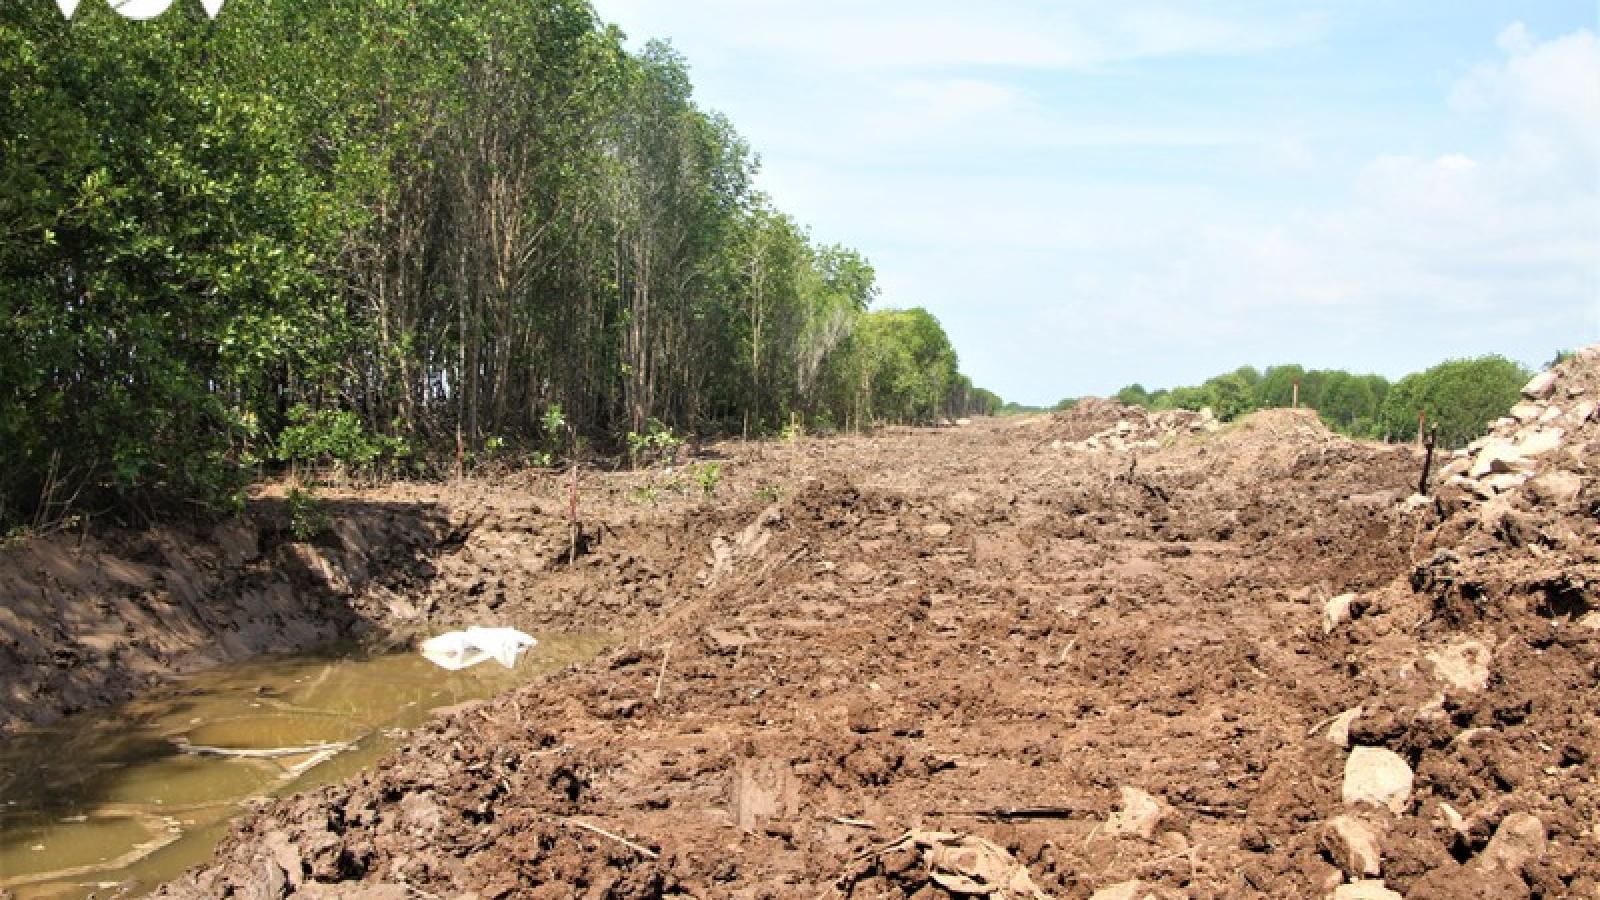 Doanh nghiệp phá rừng phòng hộ để xây dựng công trình đê biển